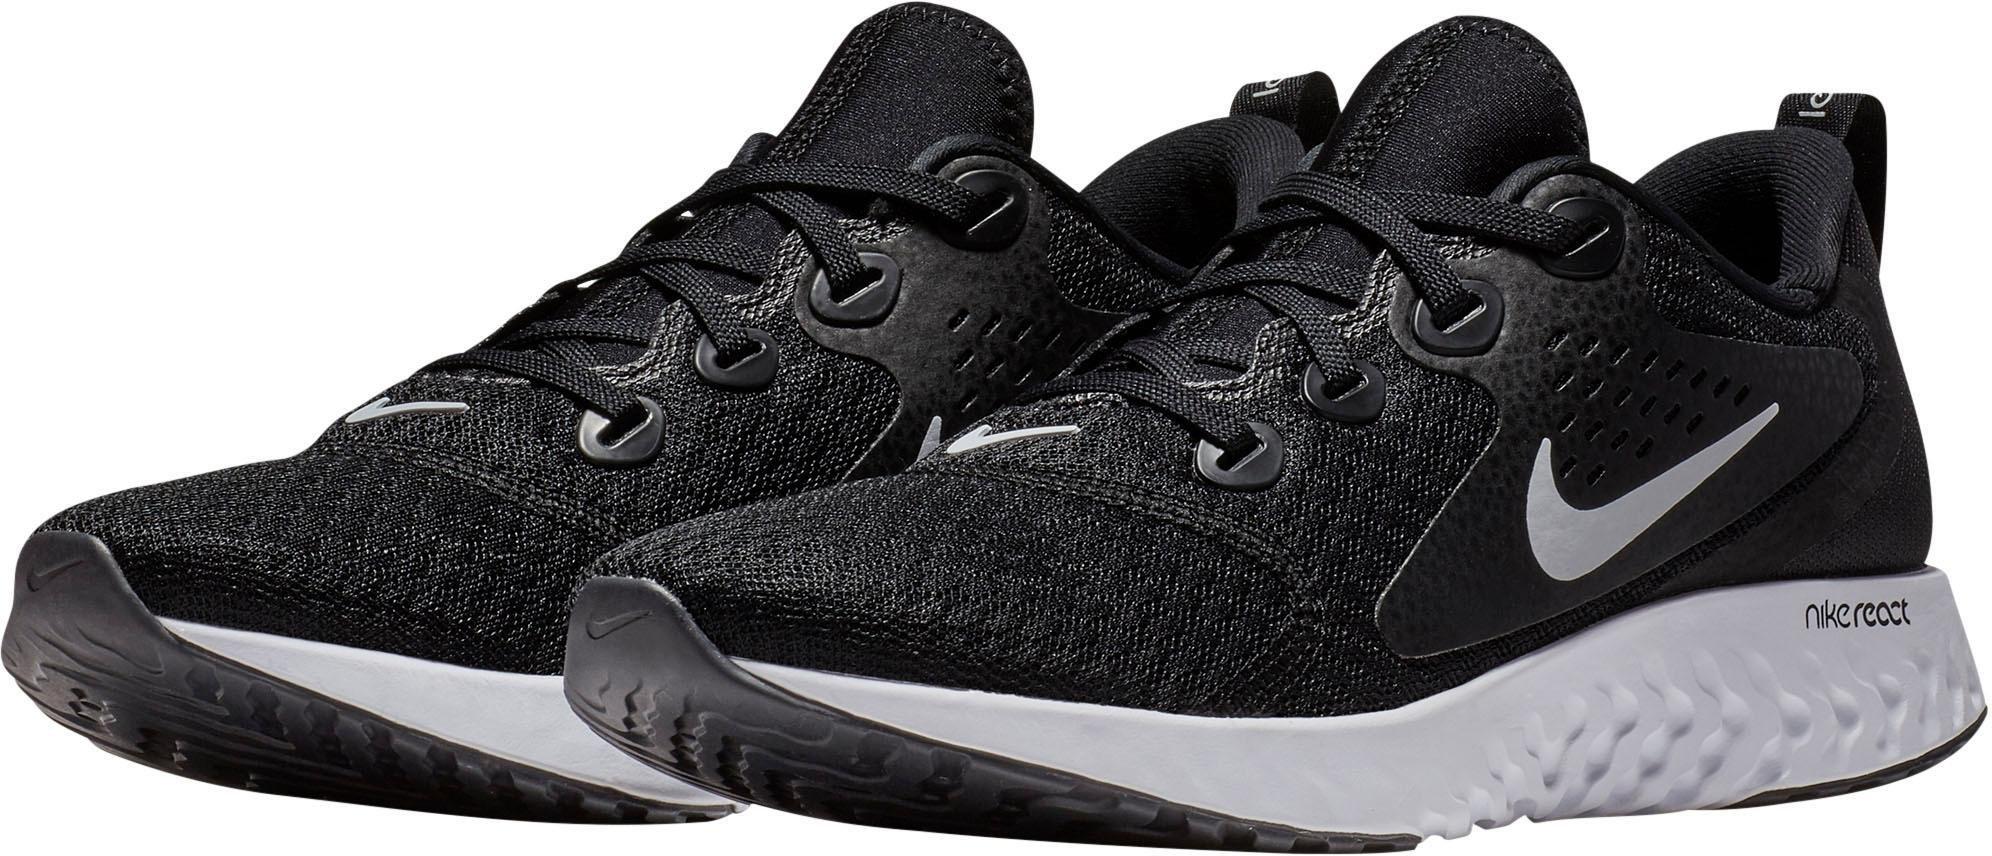 Nike runningschoenen »Wmns Legend React« - verschillende betaalmethodes